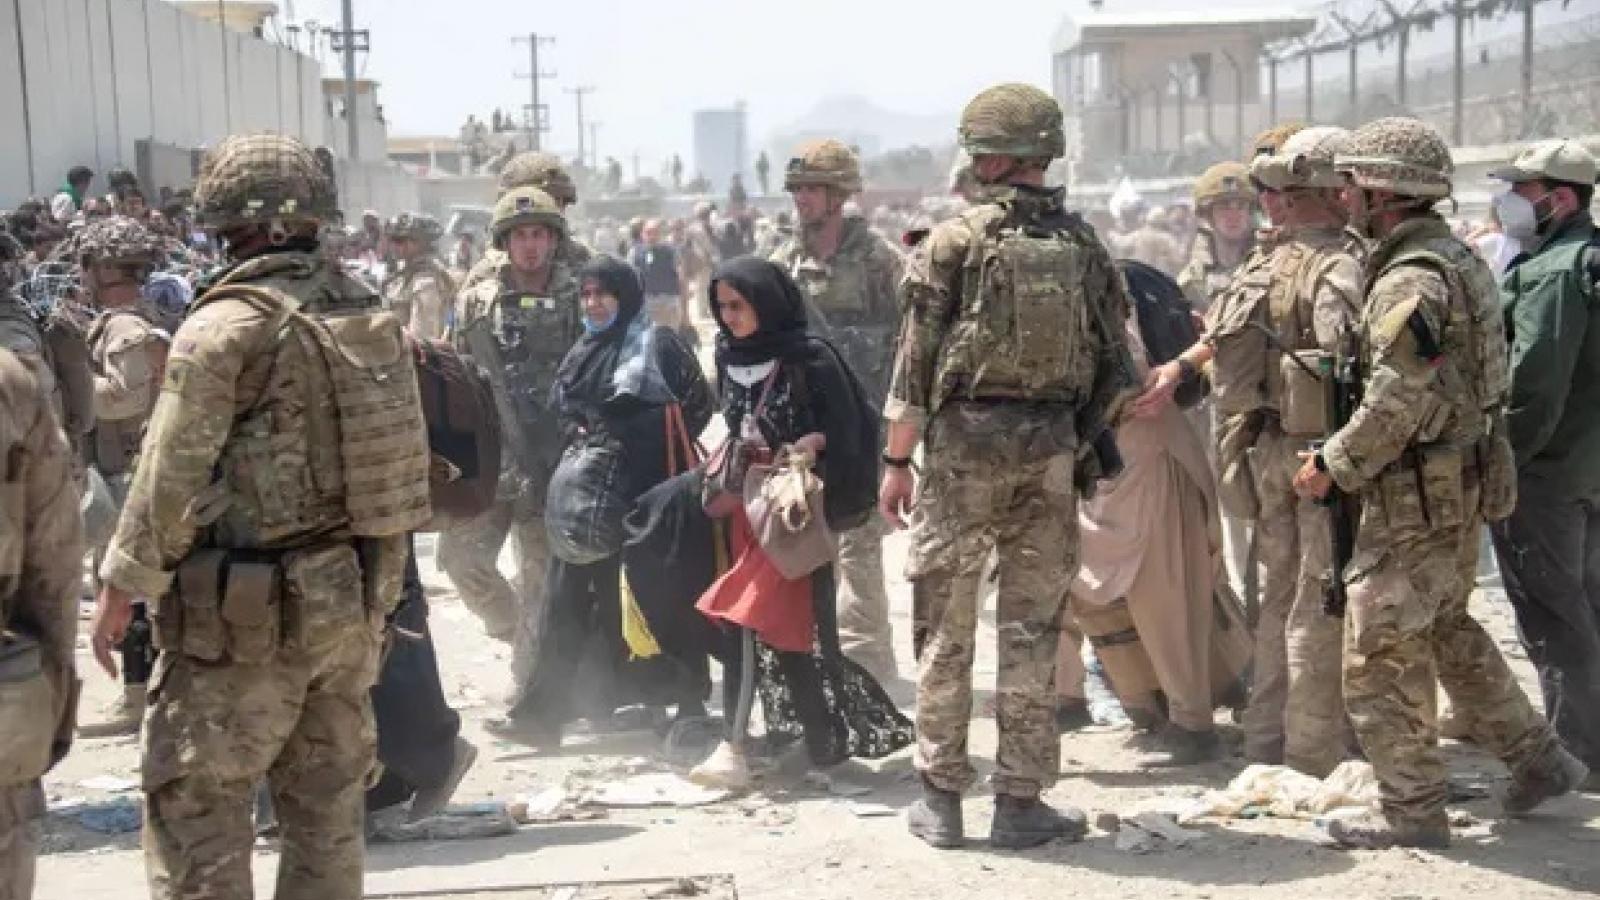 Phương Tây sắp hoàn tất việc sơ tán khỏi Afghanistan, Anh dọa sẽ trừng phạt Taliban